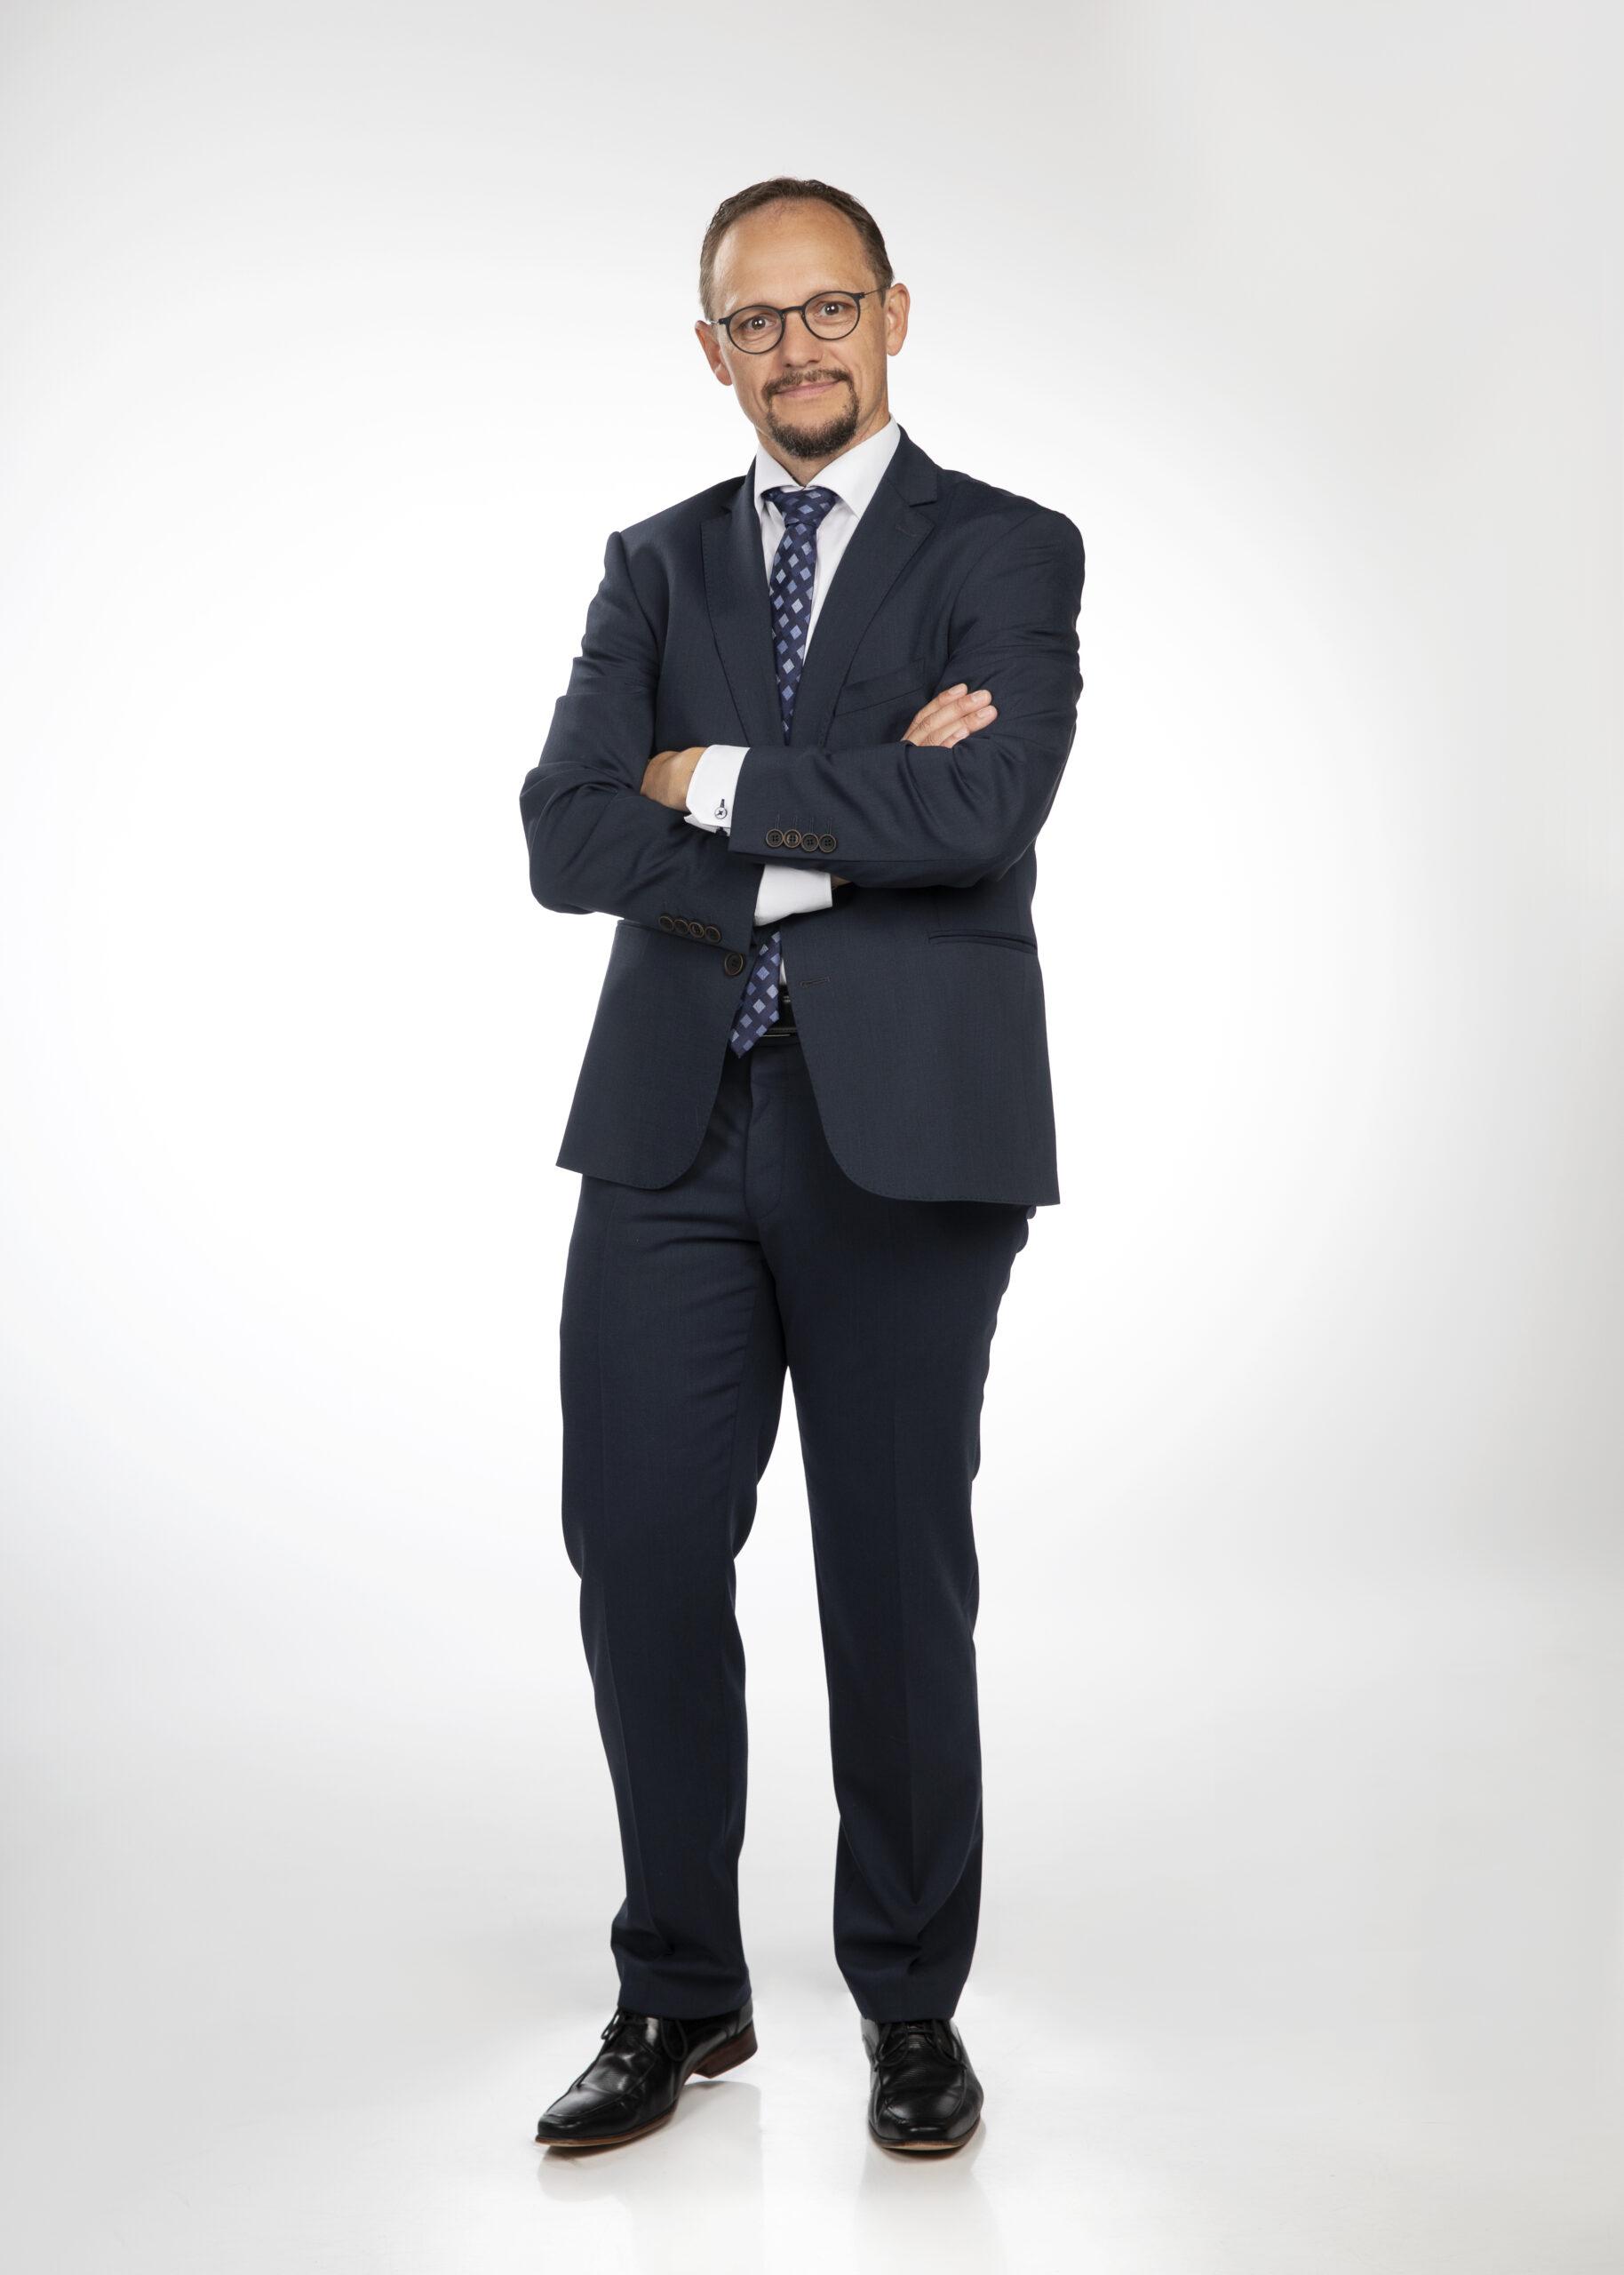 Ekspert Ledelsesrådgiver ejerleder familieejede virksomheder SMV Administrerende Direktør Martin Søvsø